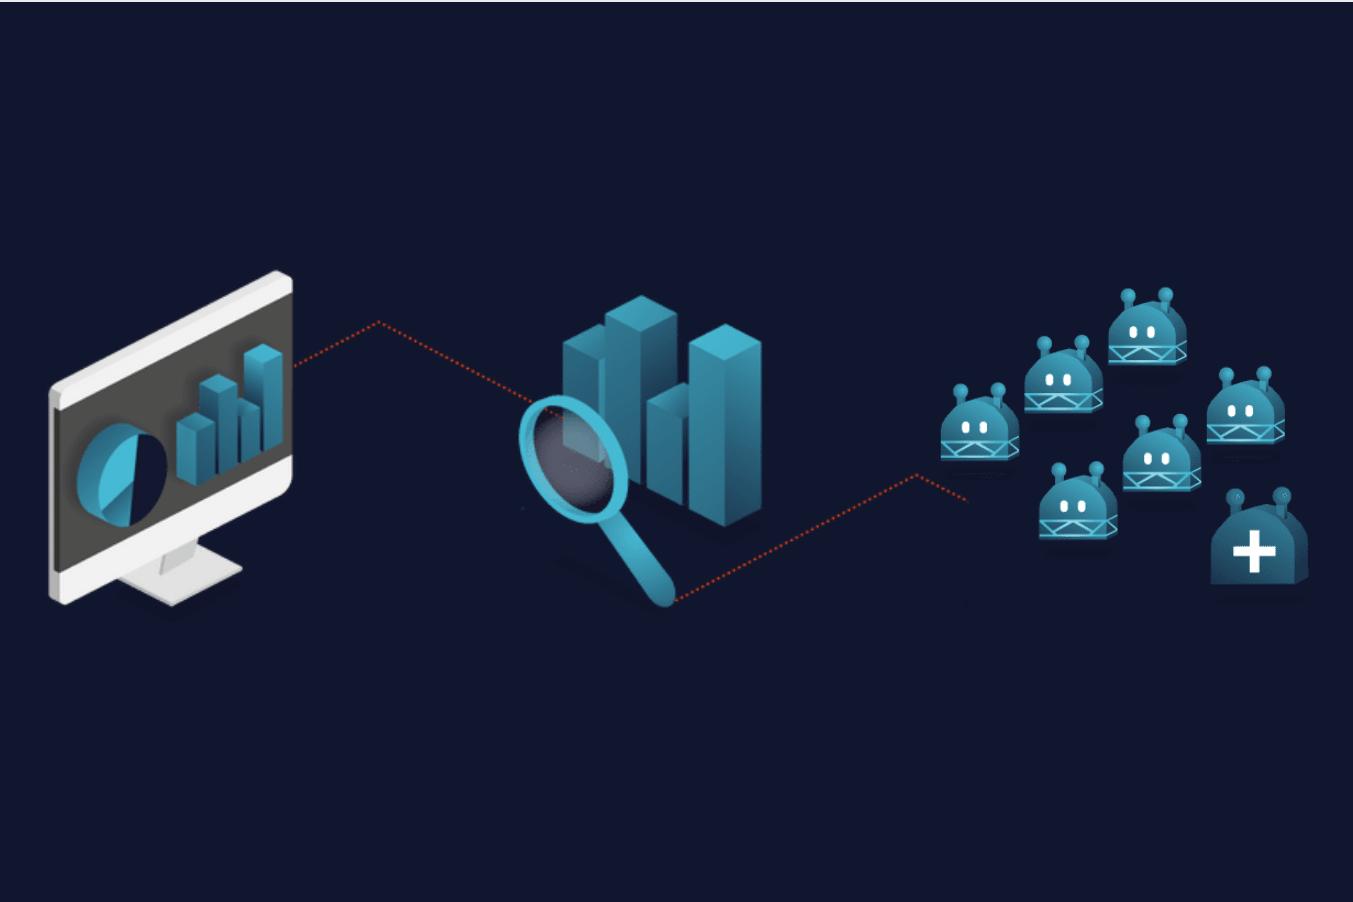 Daten analysieren und messen